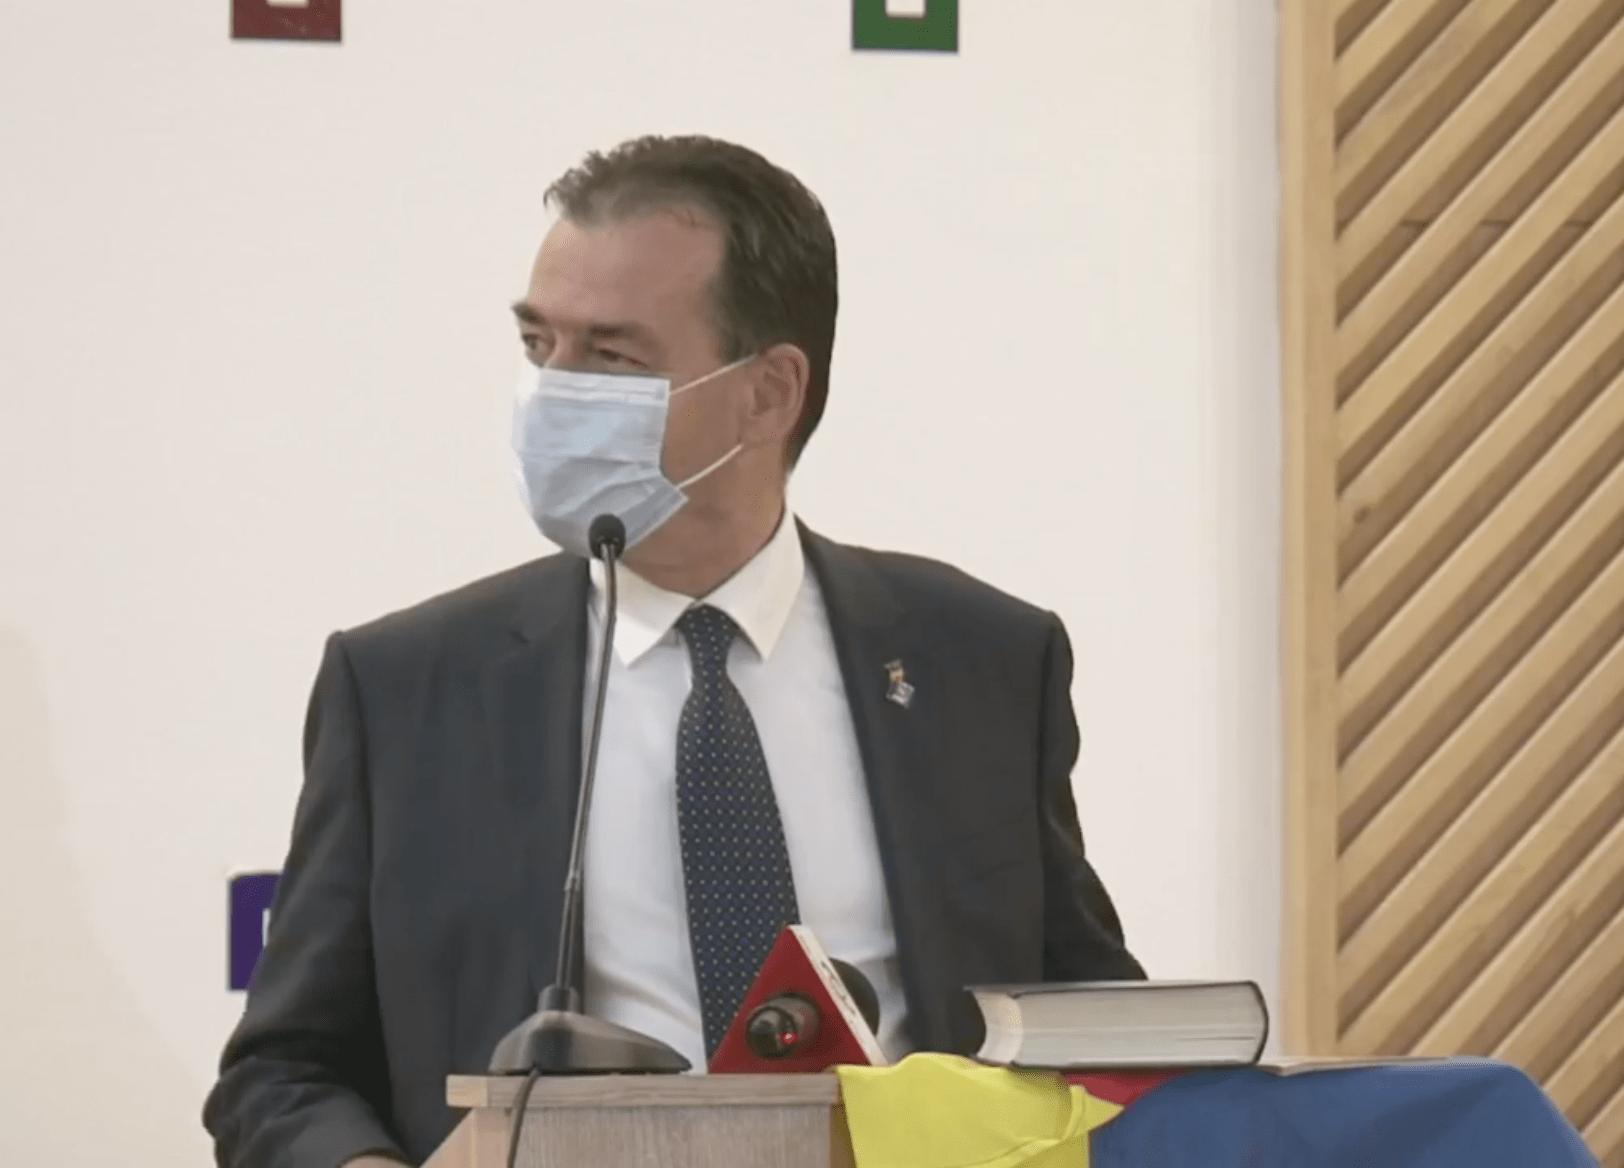 Guvernul analizează reintroducerea restricțiilor de circulație pe timp de noapte, cu scopul limitării răspândirii epidemiei de SARS-CoV-2 – Biz Brasov